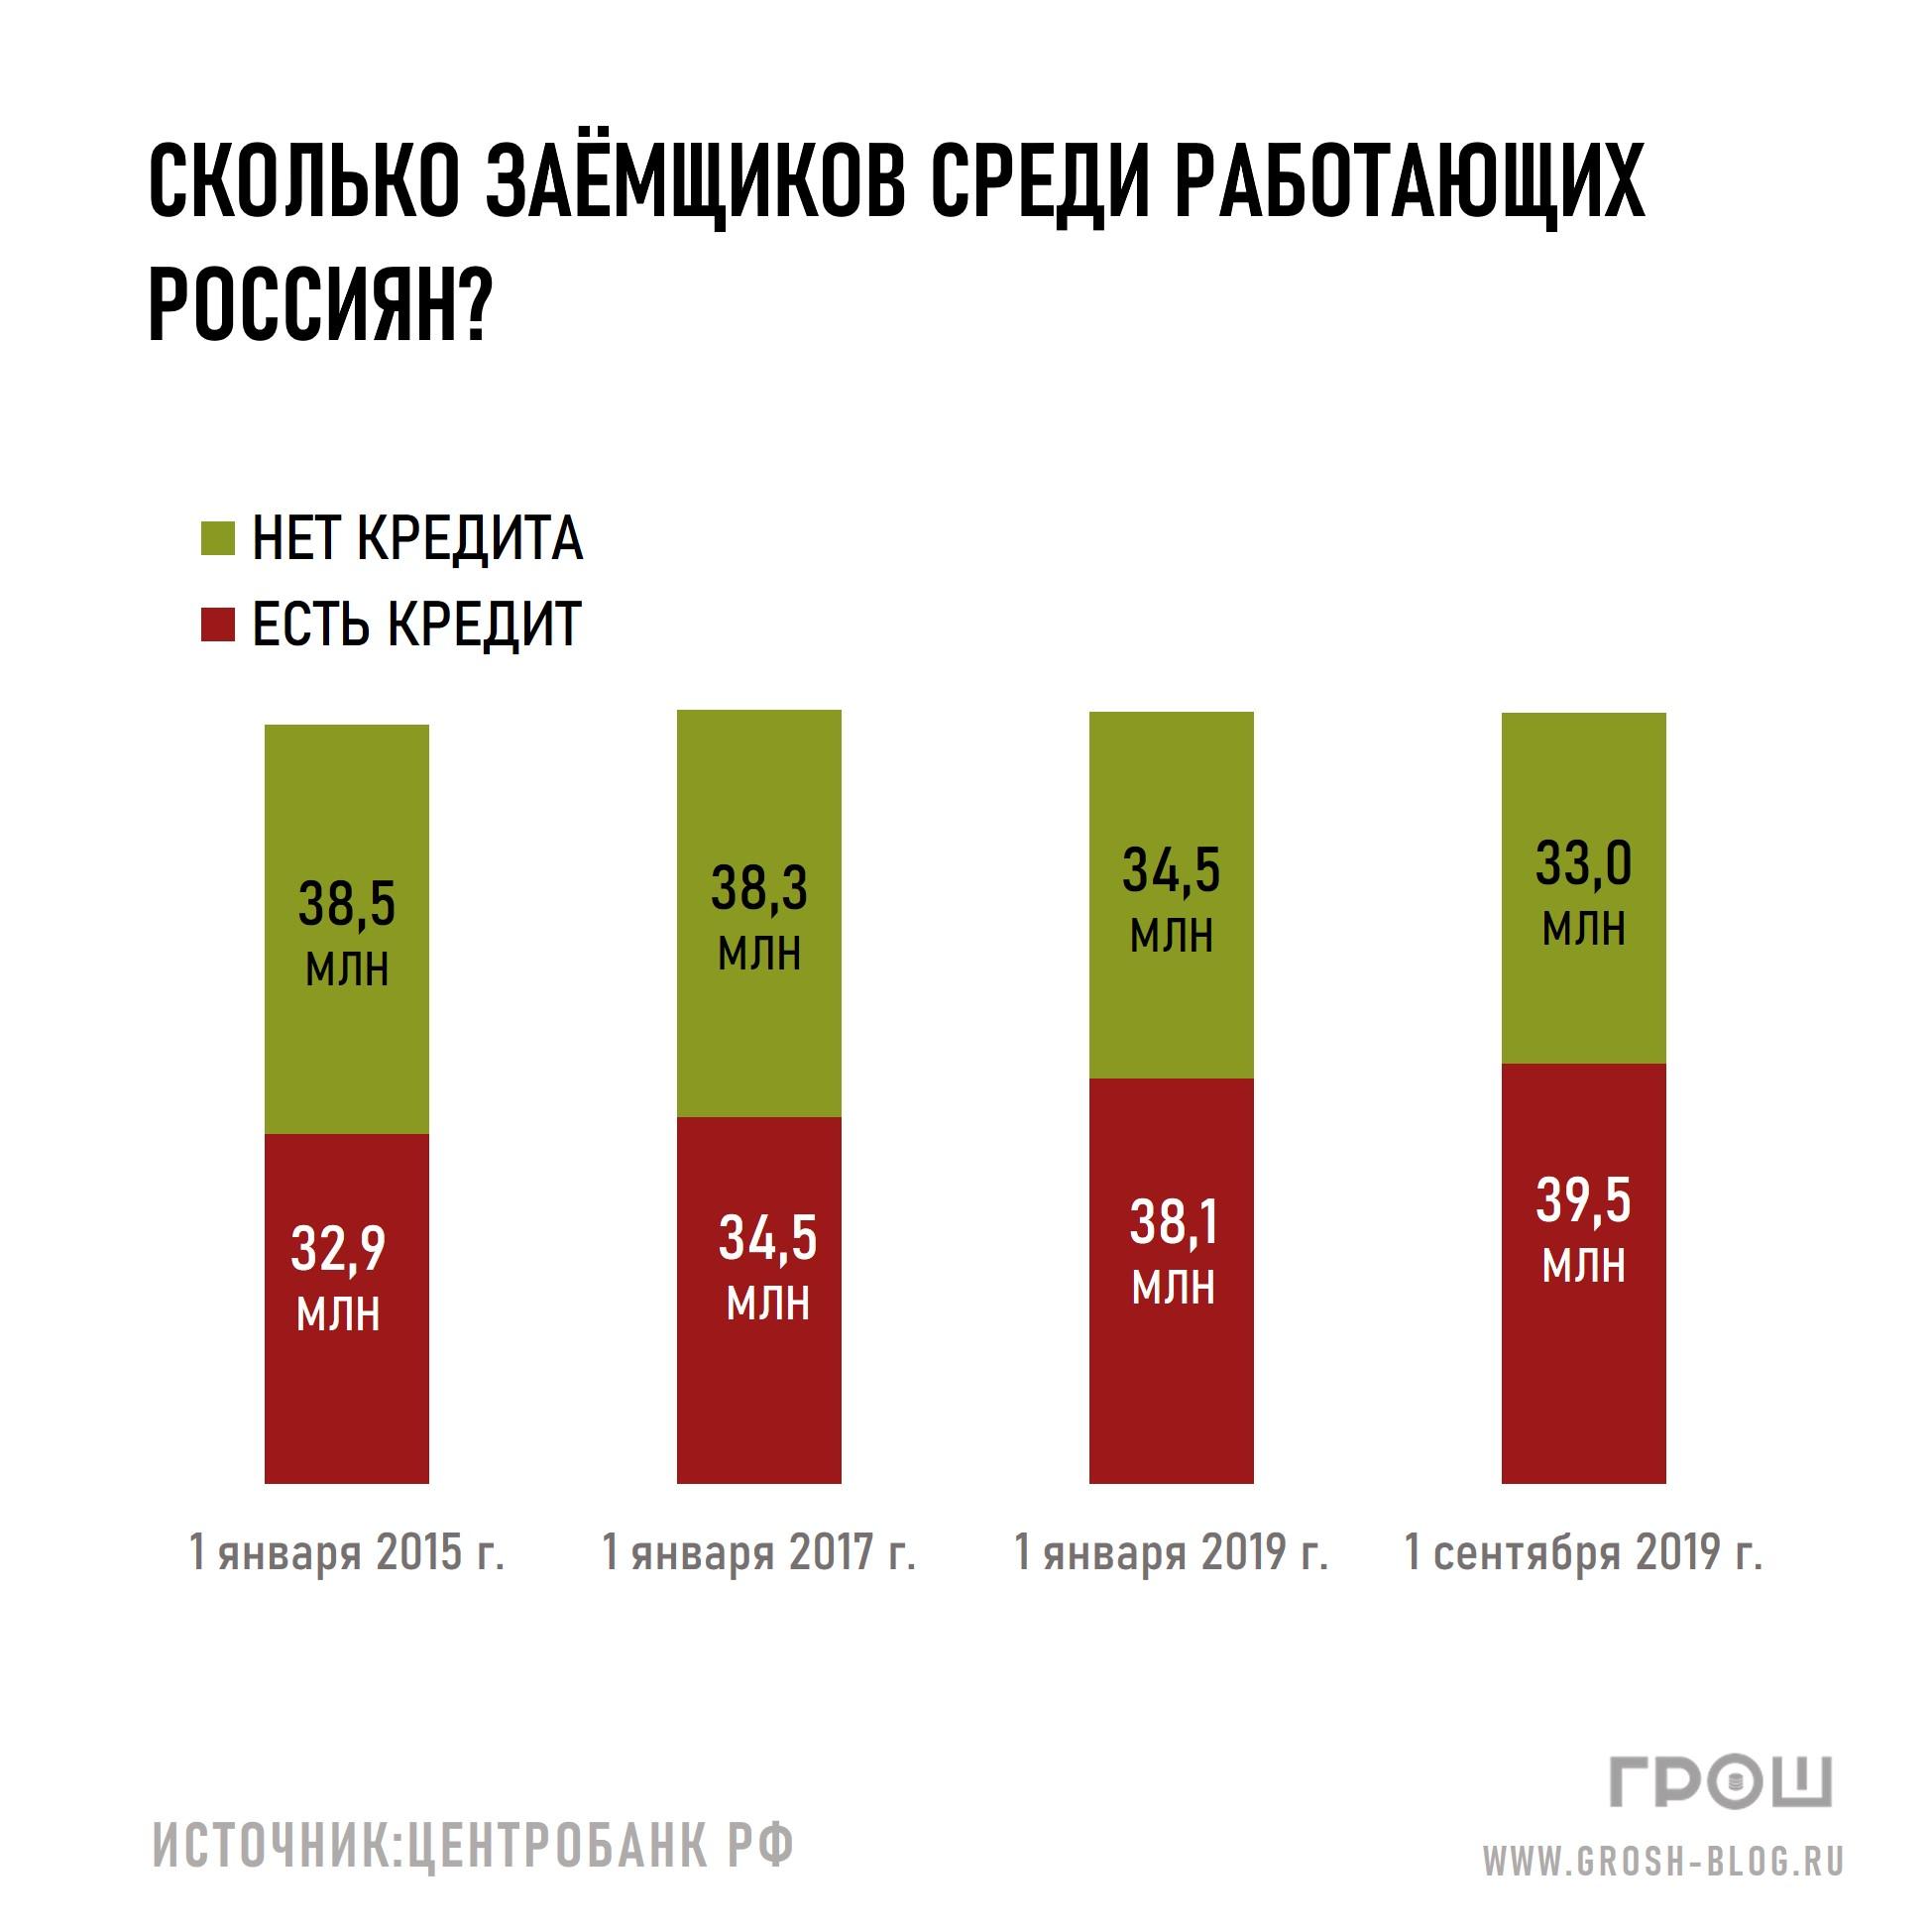 сколько россиян имеют кредиты https://grosh-blog.ru/ журнал ГРОШ